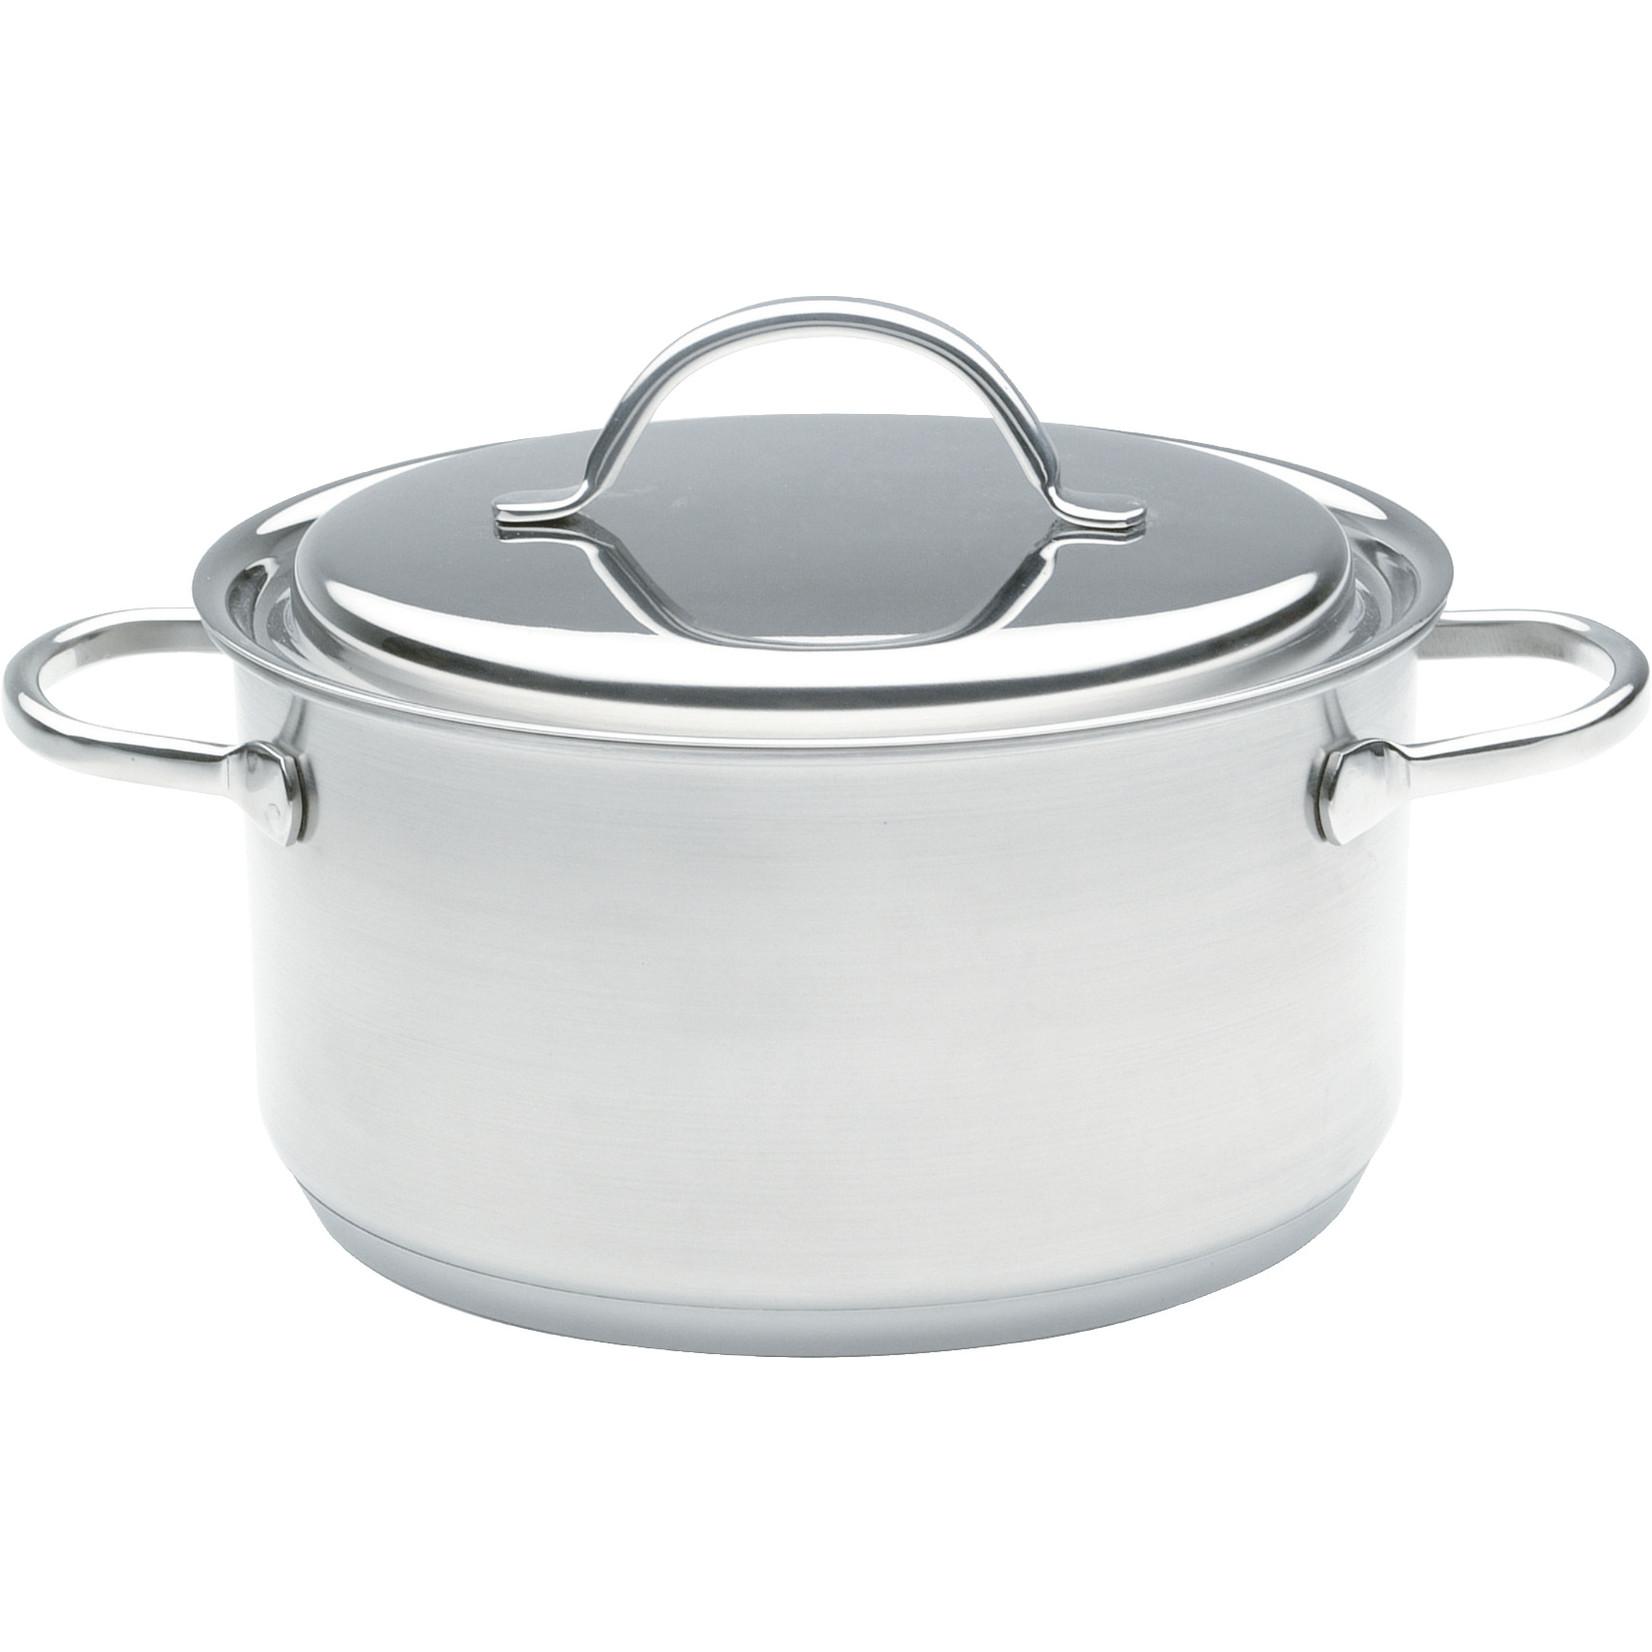 Demeyere Demeyere Resto 3 kookpan 24cm, met deksel